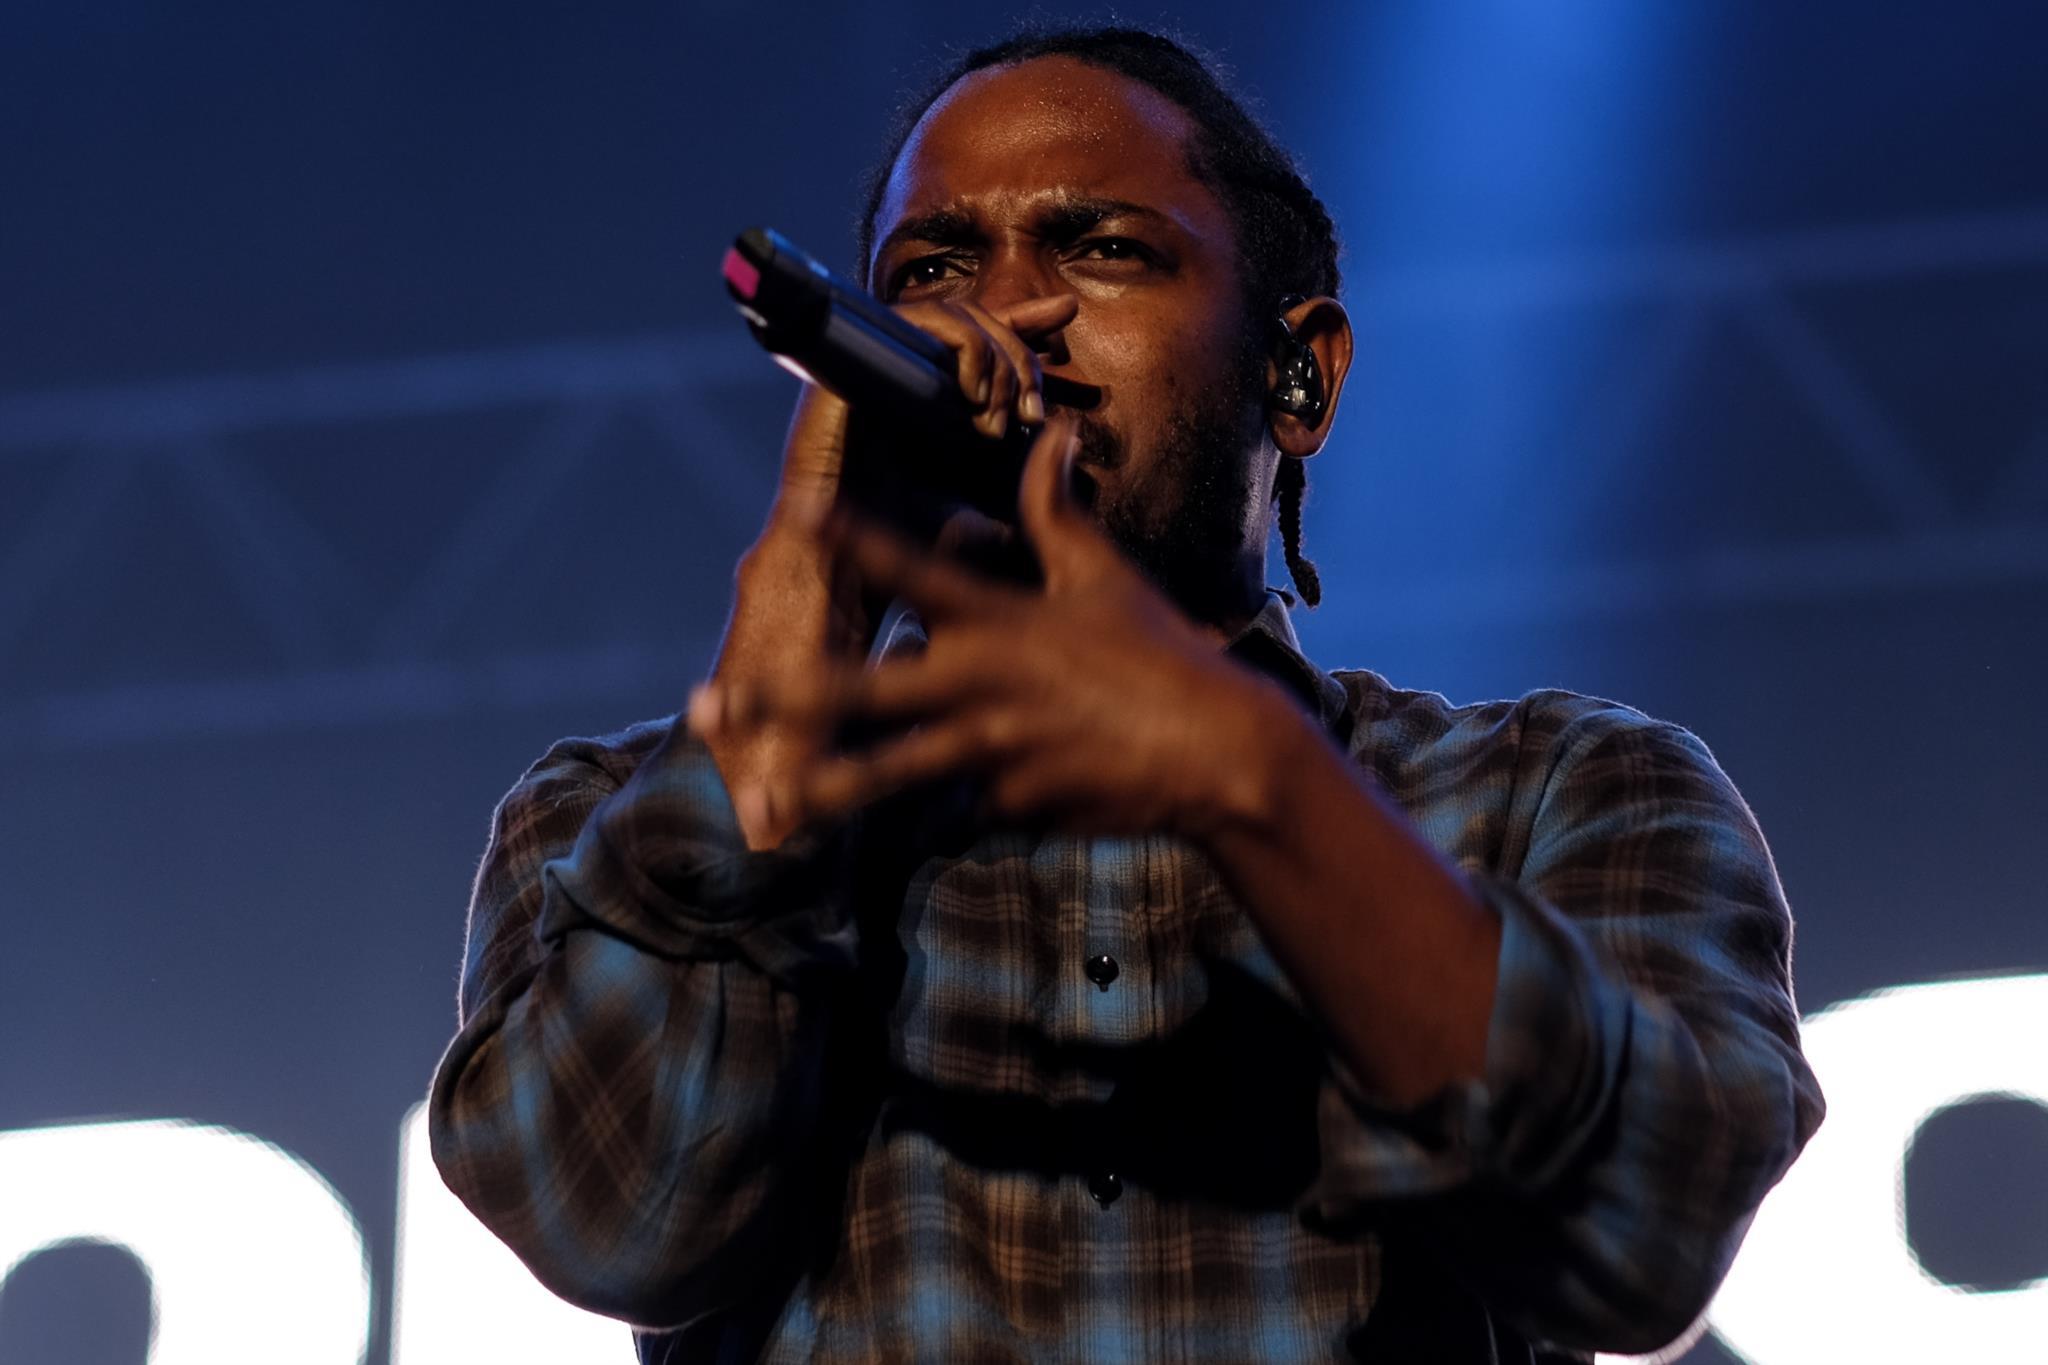 PÚBLICO - O regresso surpresa de Kendrick Lamar (e a bicada a Drake, a NBA e a Deus)